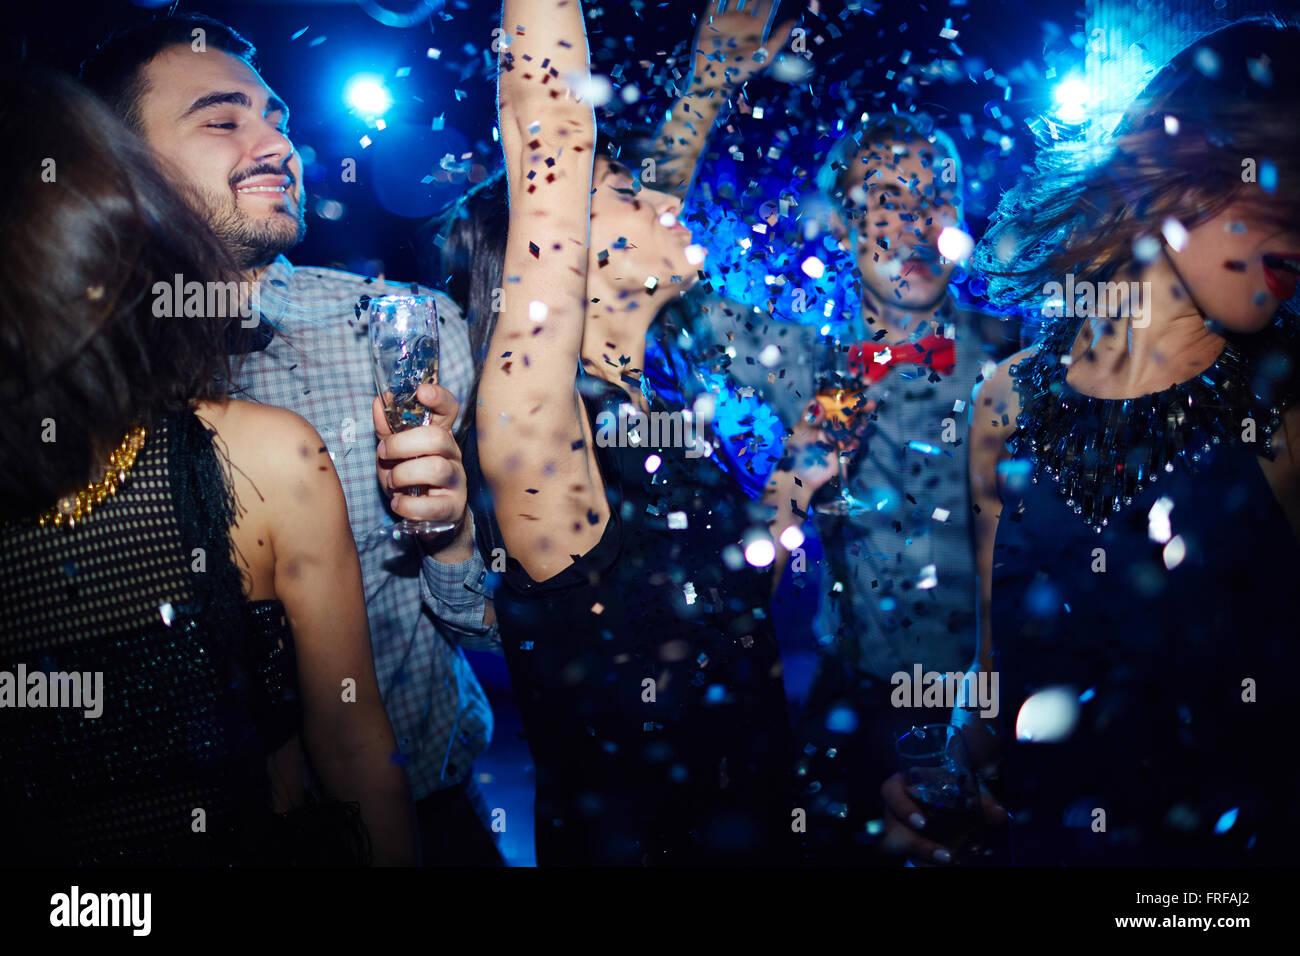 Baile enérgico Imagen De Stock